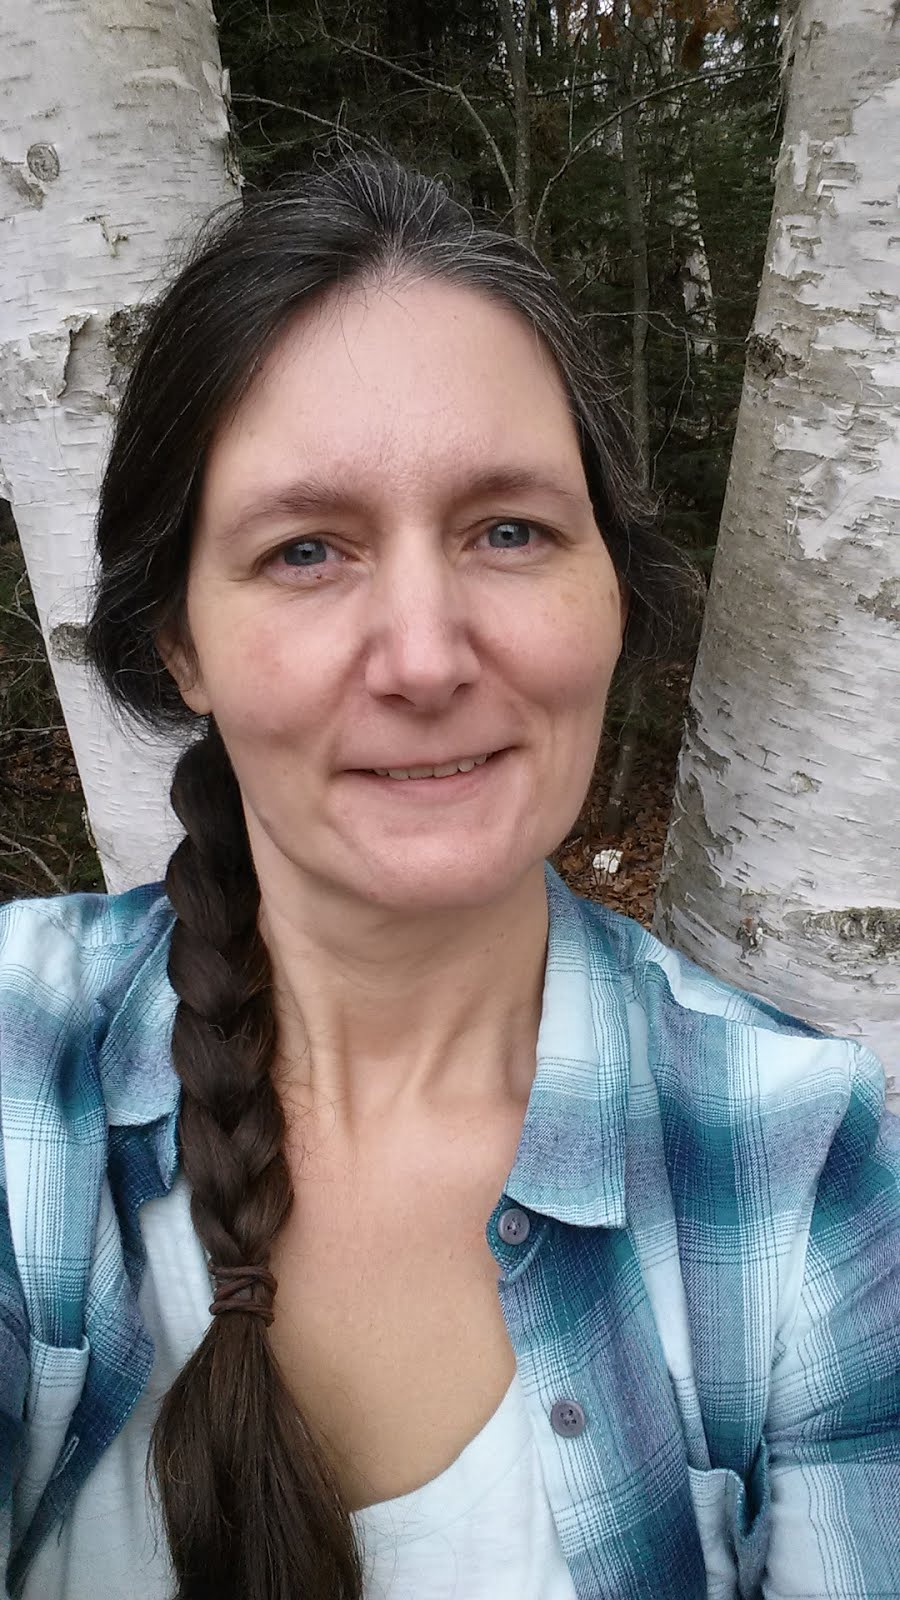 Tanya Boser